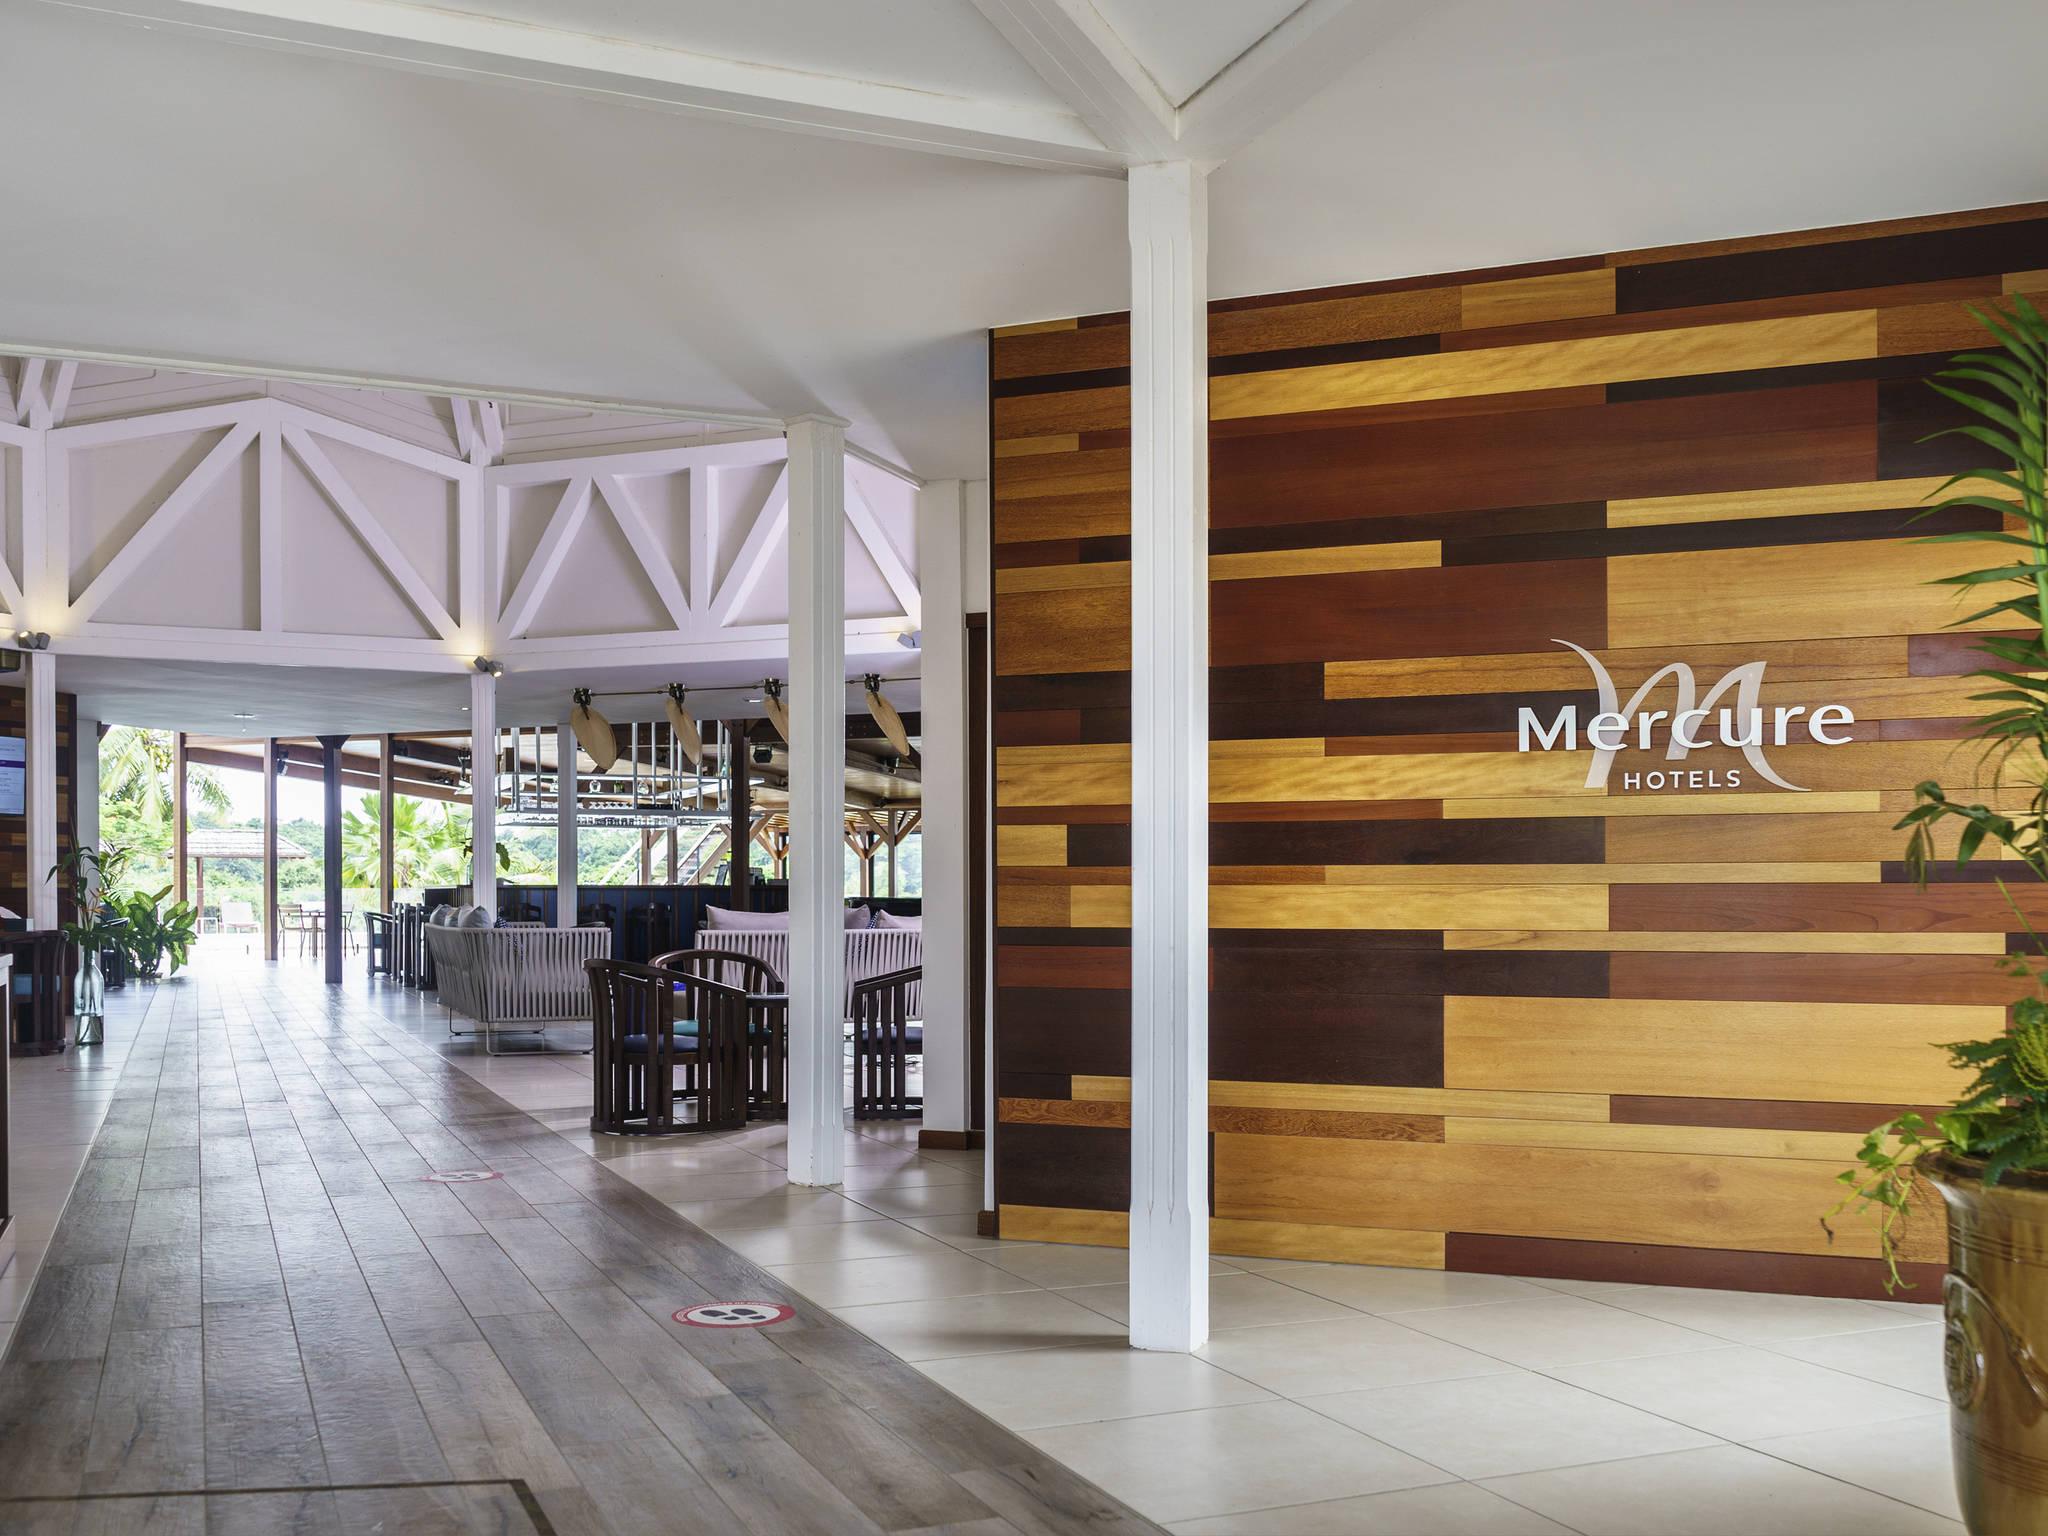 Hotel – Hotel Mercure Kourou Ariatel